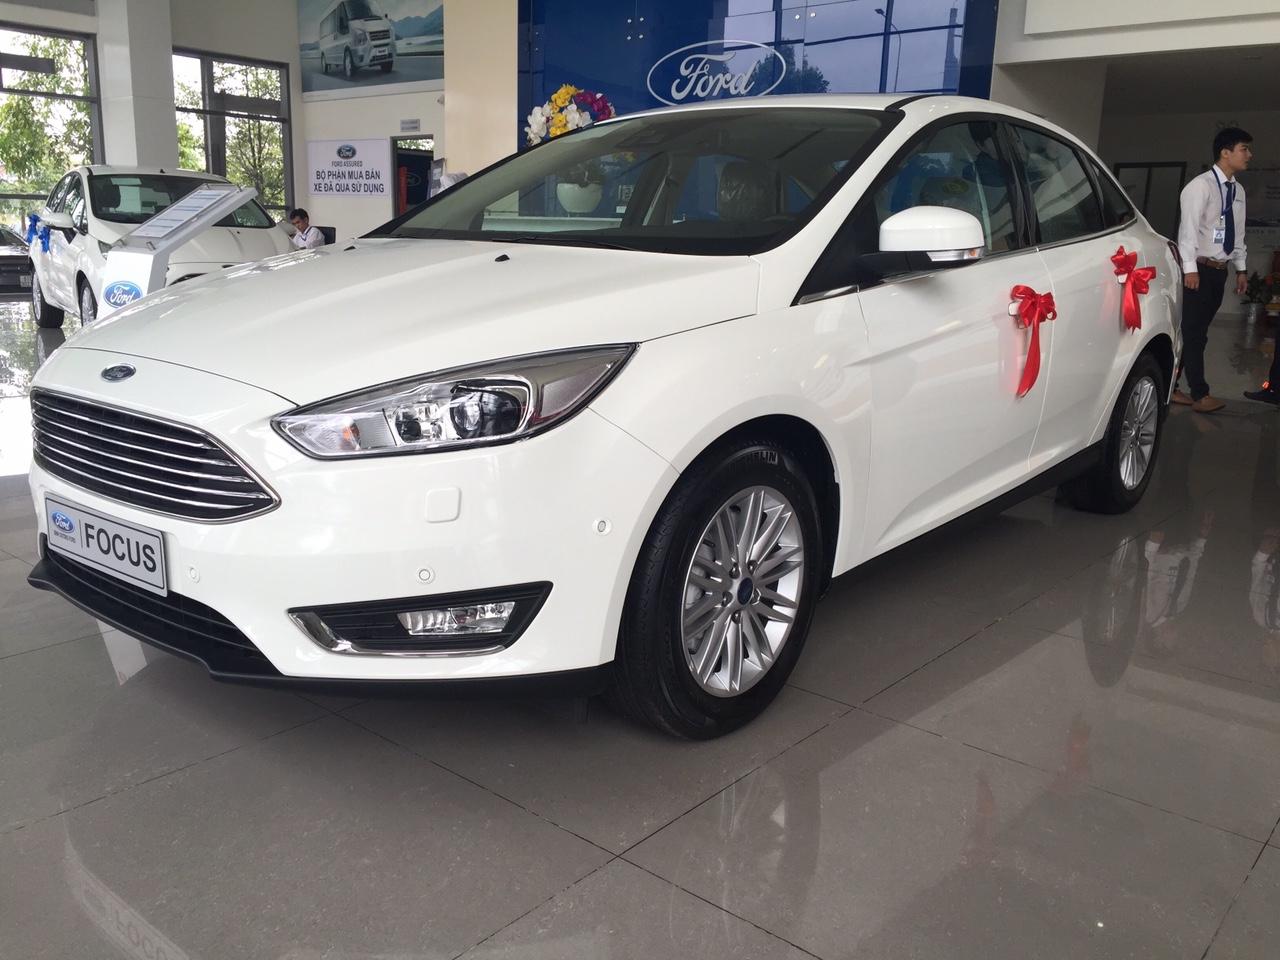 Hình Ảnh Xe Ford Focus Titanium 2018 4 Cửa Màu trắng Mới